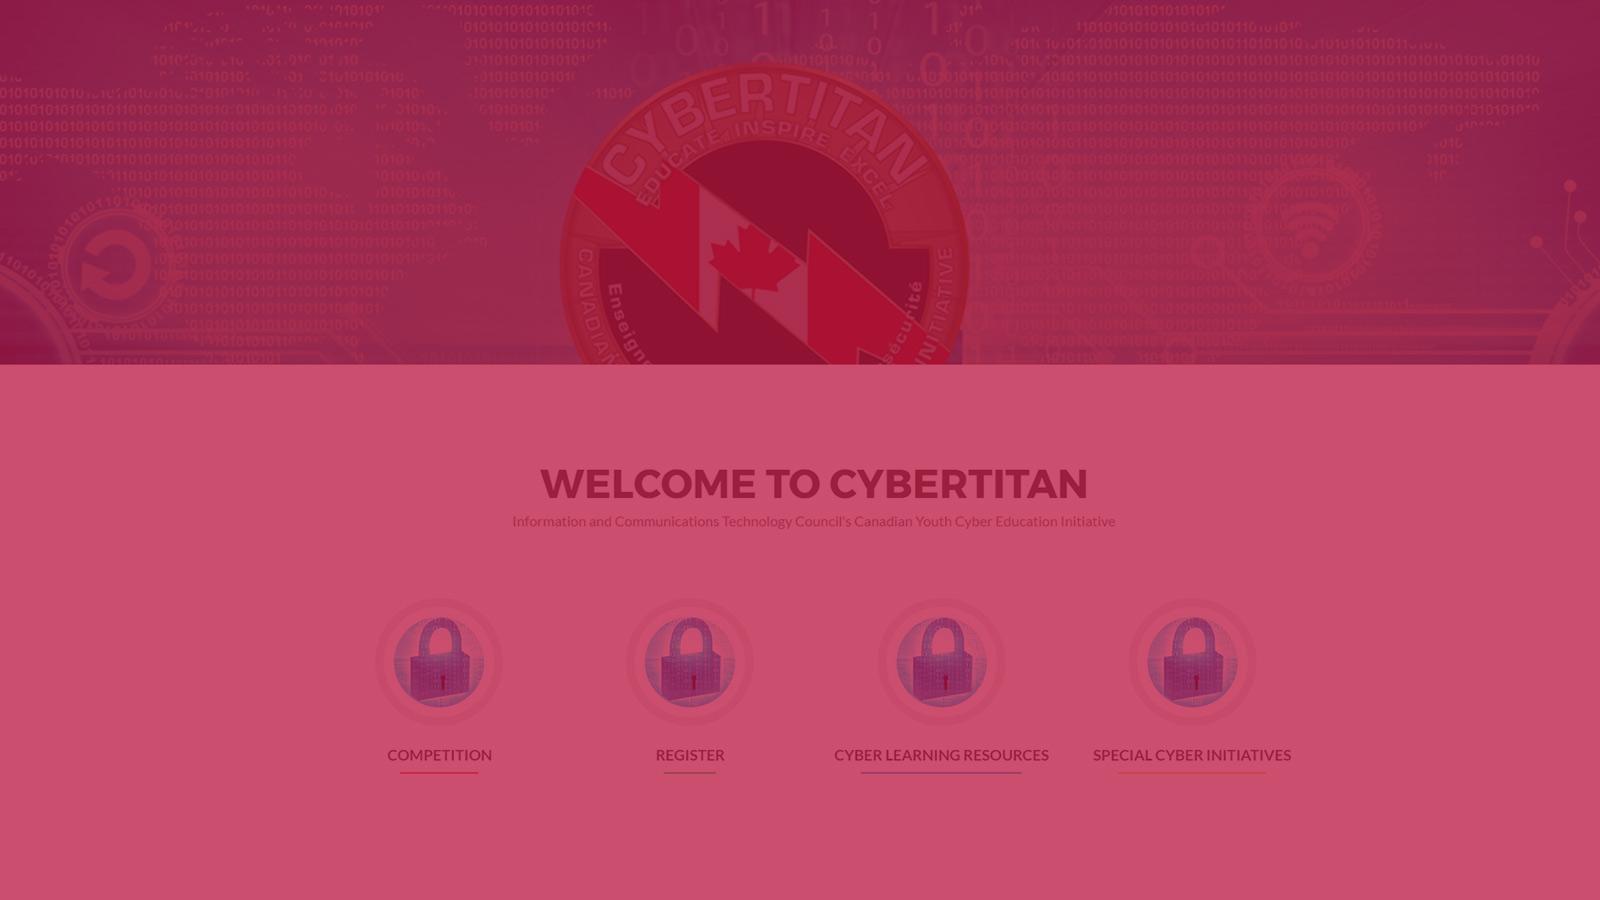 CyberTitan